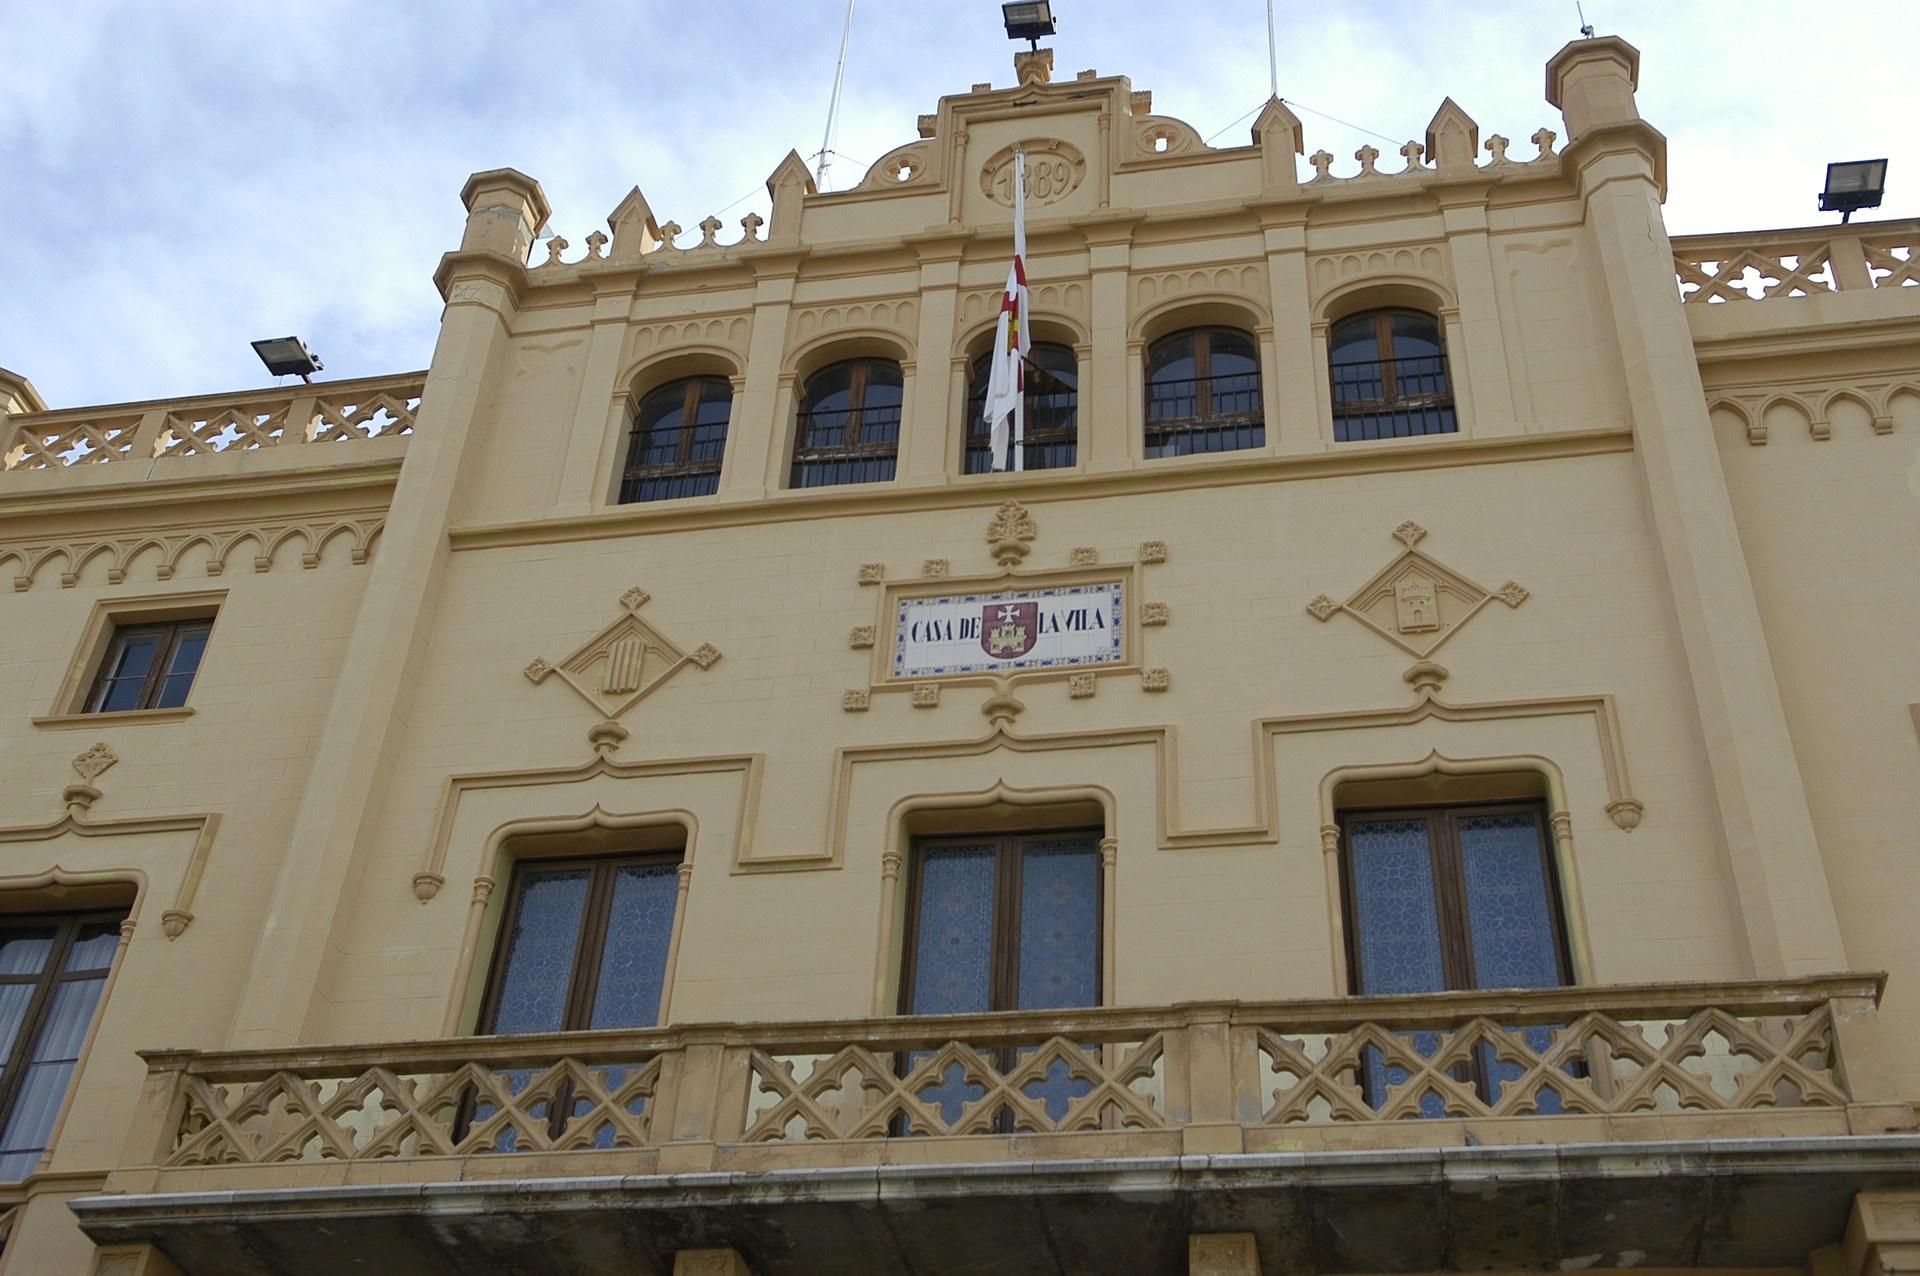 Sitges continua treballant per abordar la solució a la venda ambulant no autoritzada